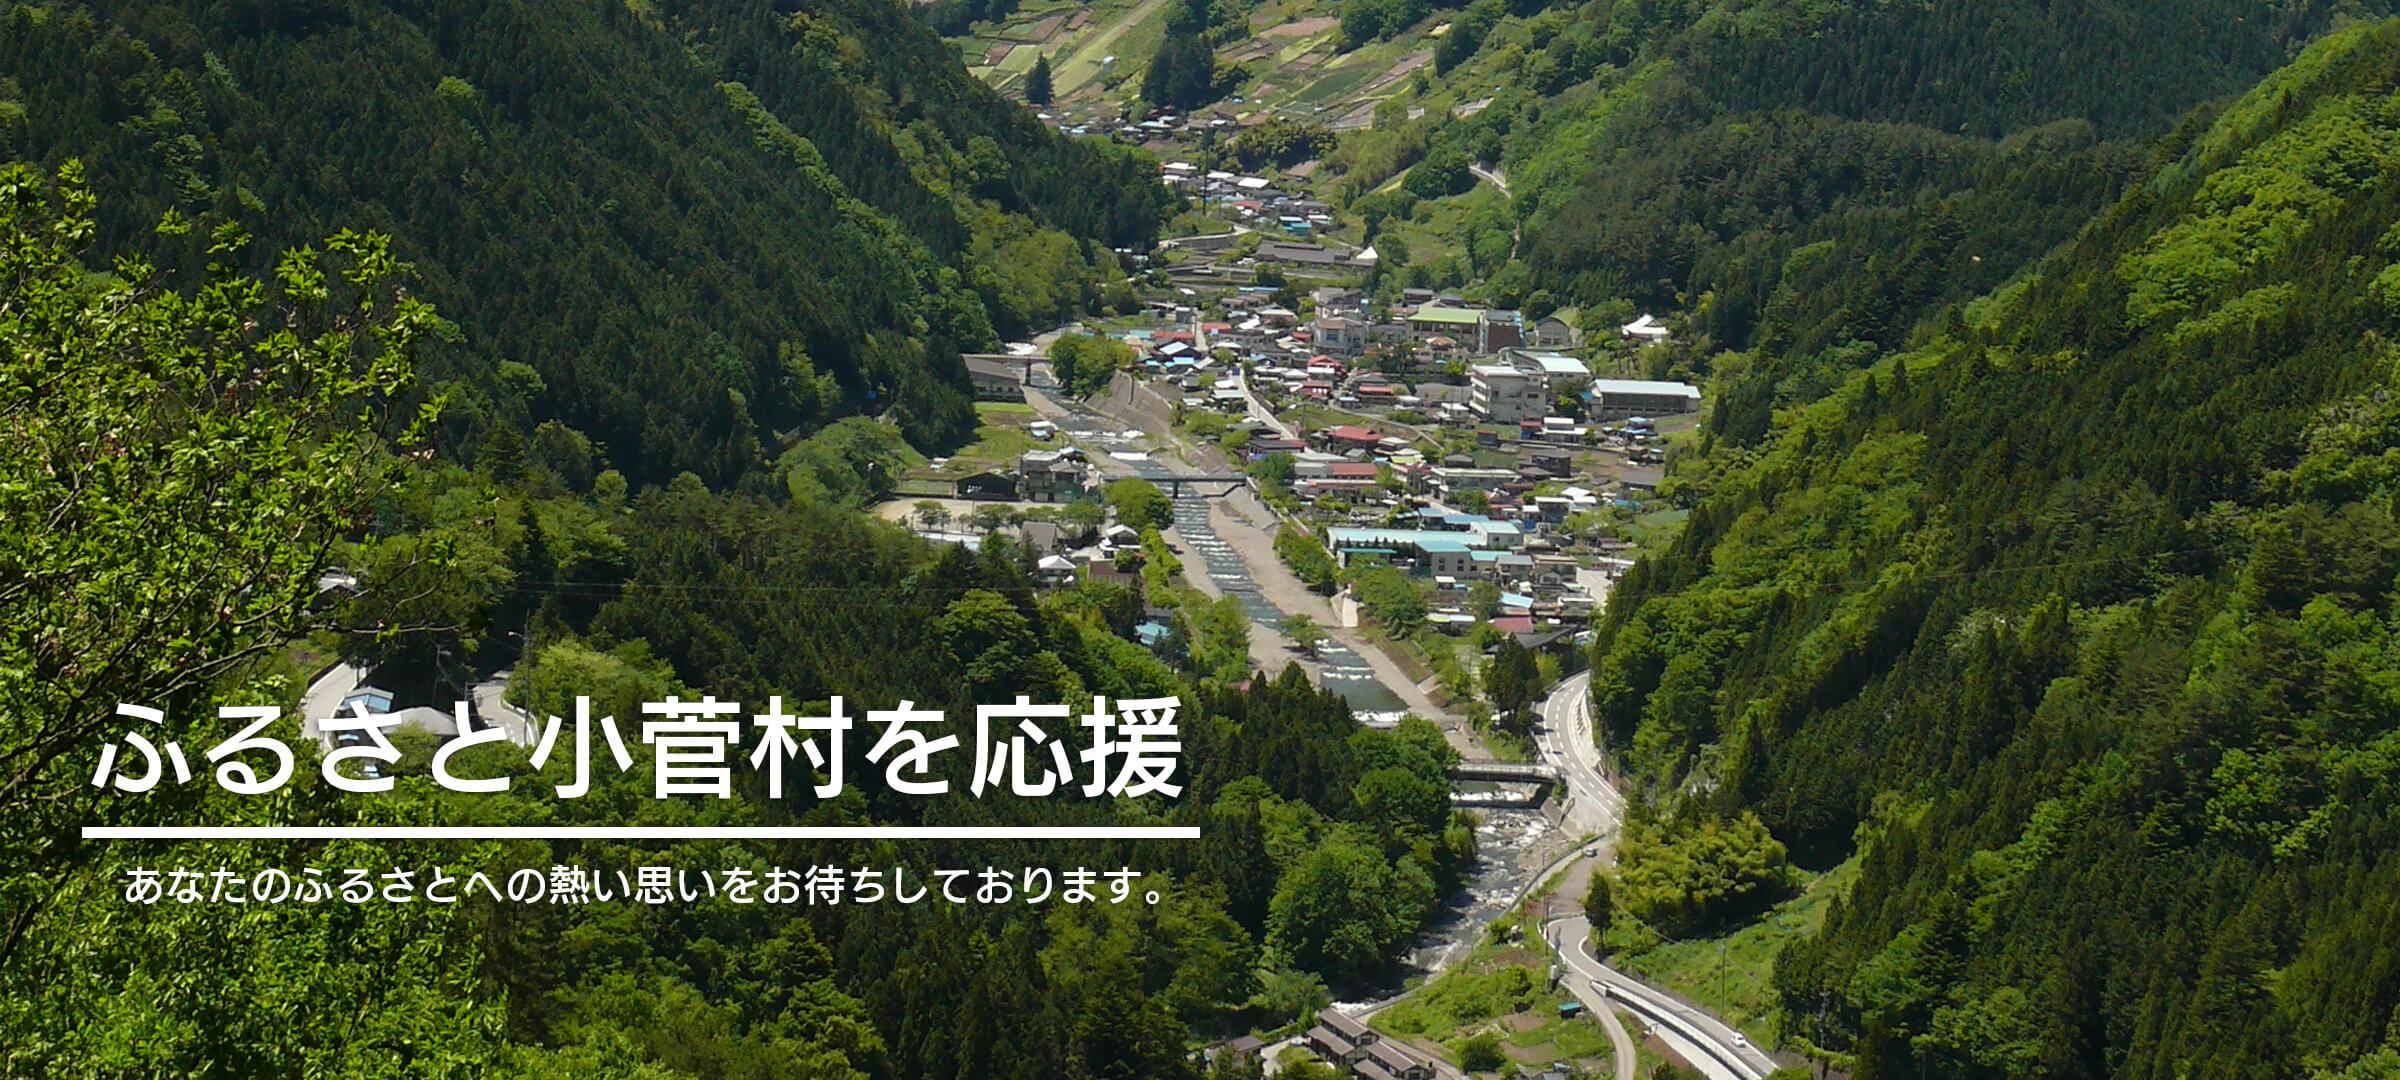 小菅村の現状と取り組み